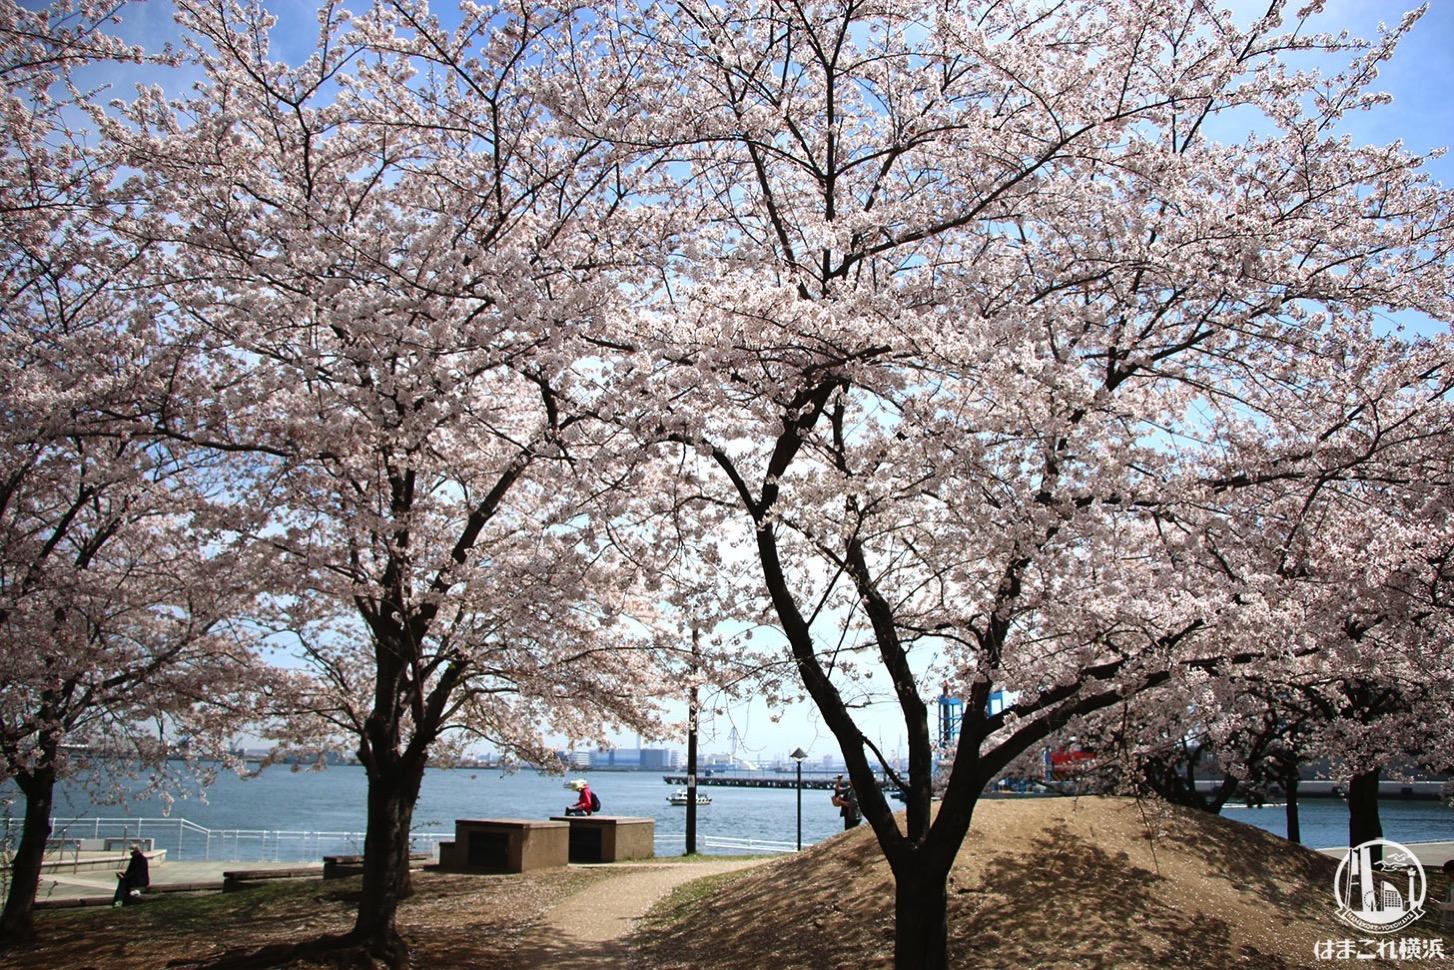 カップヌードルミュージアムパーク(新港パーク)桜